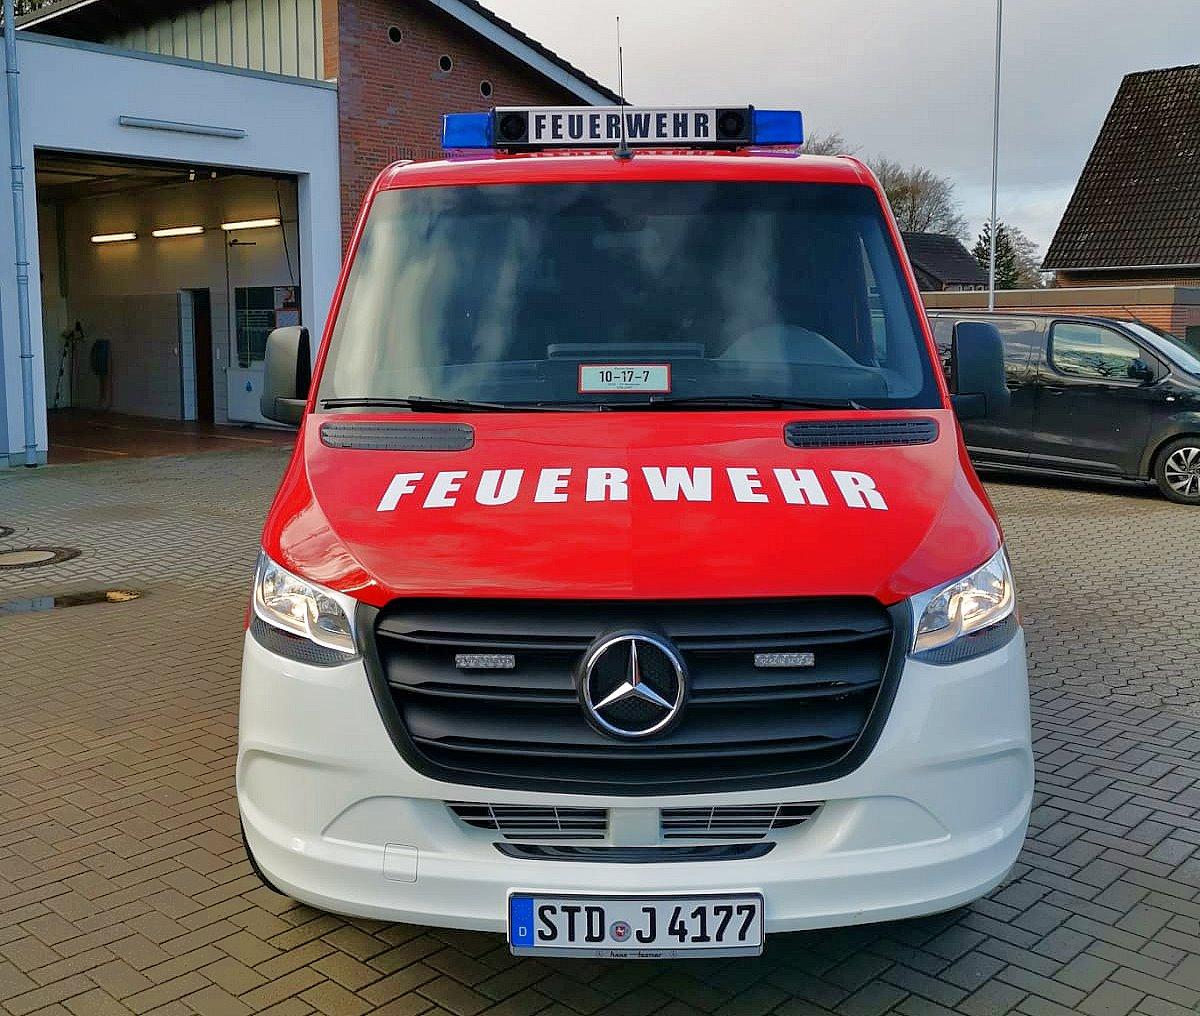 https://www.feuerwehr-buxtehude.de/media/img/bilder_ow_nkl/bilder_nkl_fa/mtf/4177g.jpg